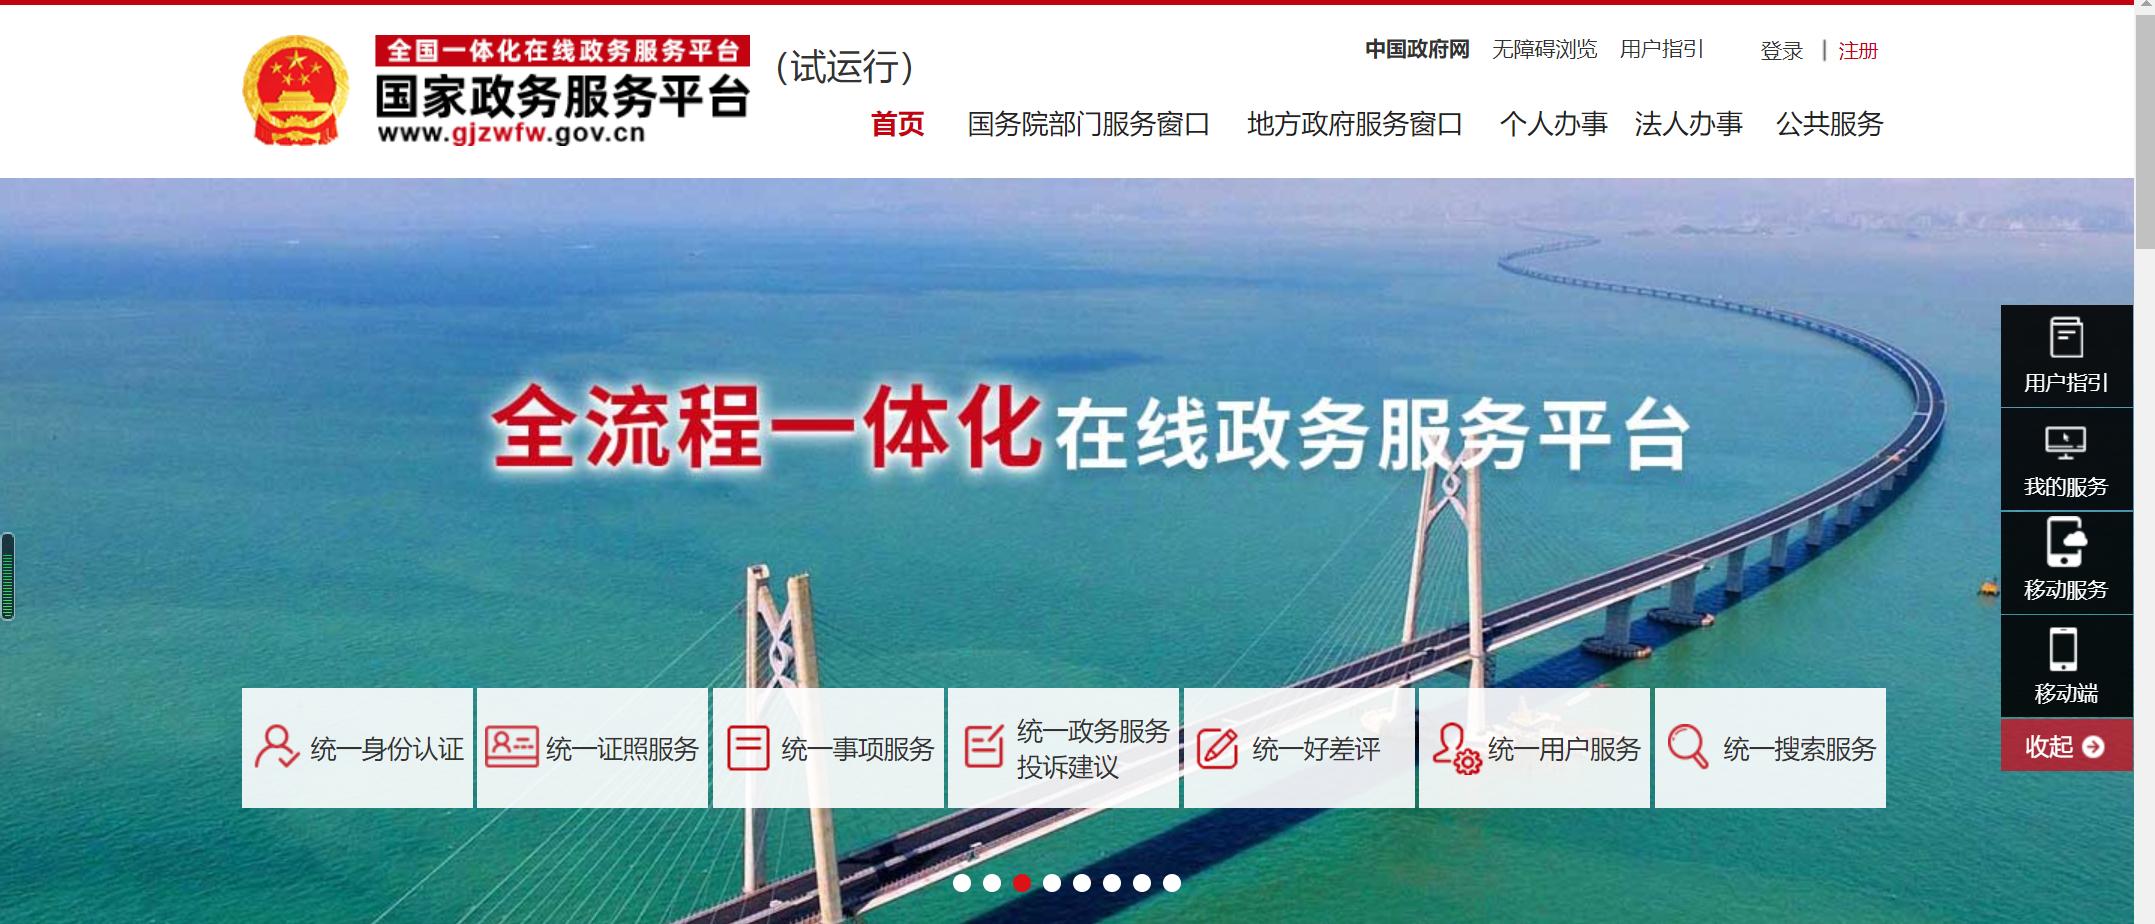 国家政务服务网界面.png